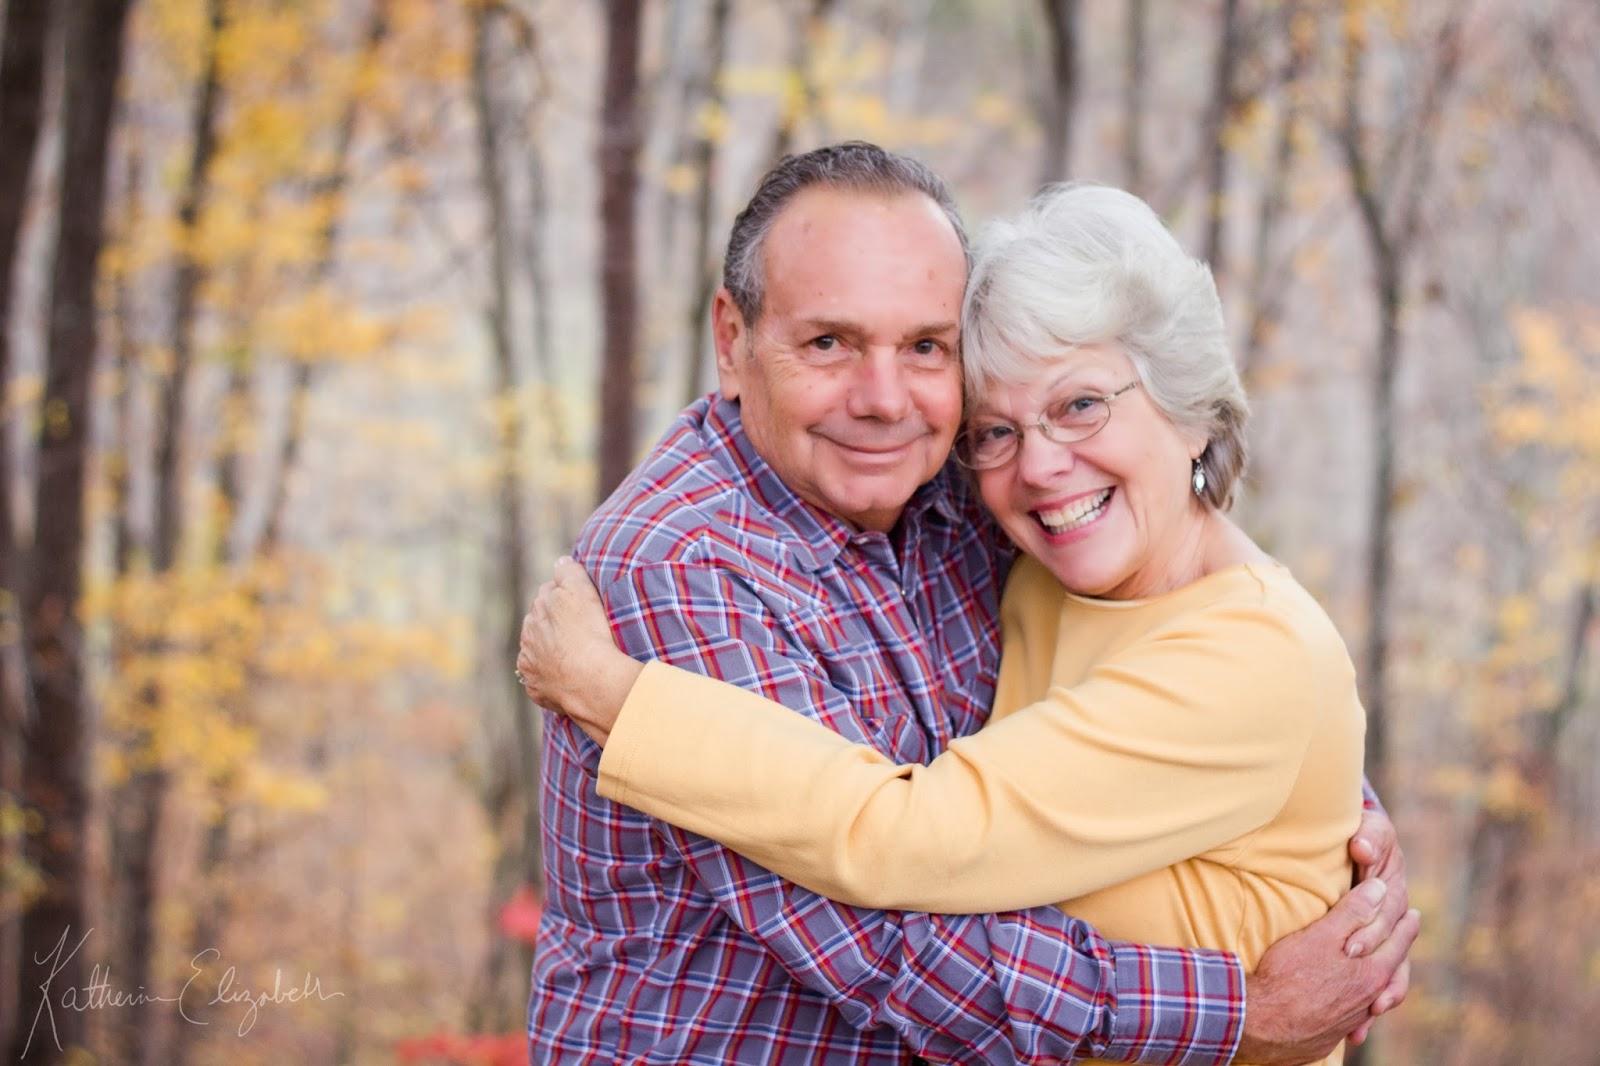 lynchburg va senior dating